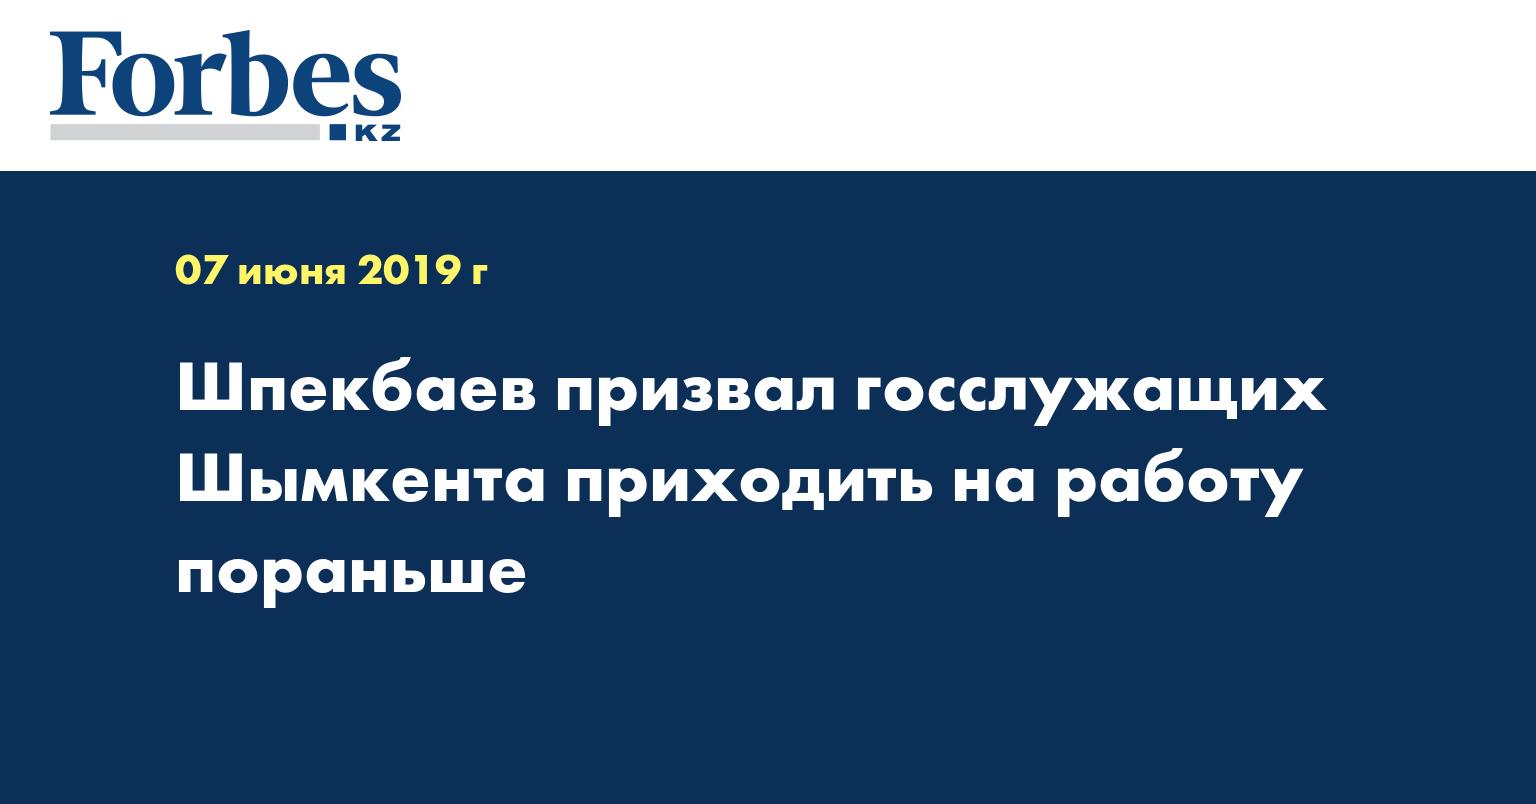 Шпекбаев призвал госслужащих Шымкента приходить на работу пораньше